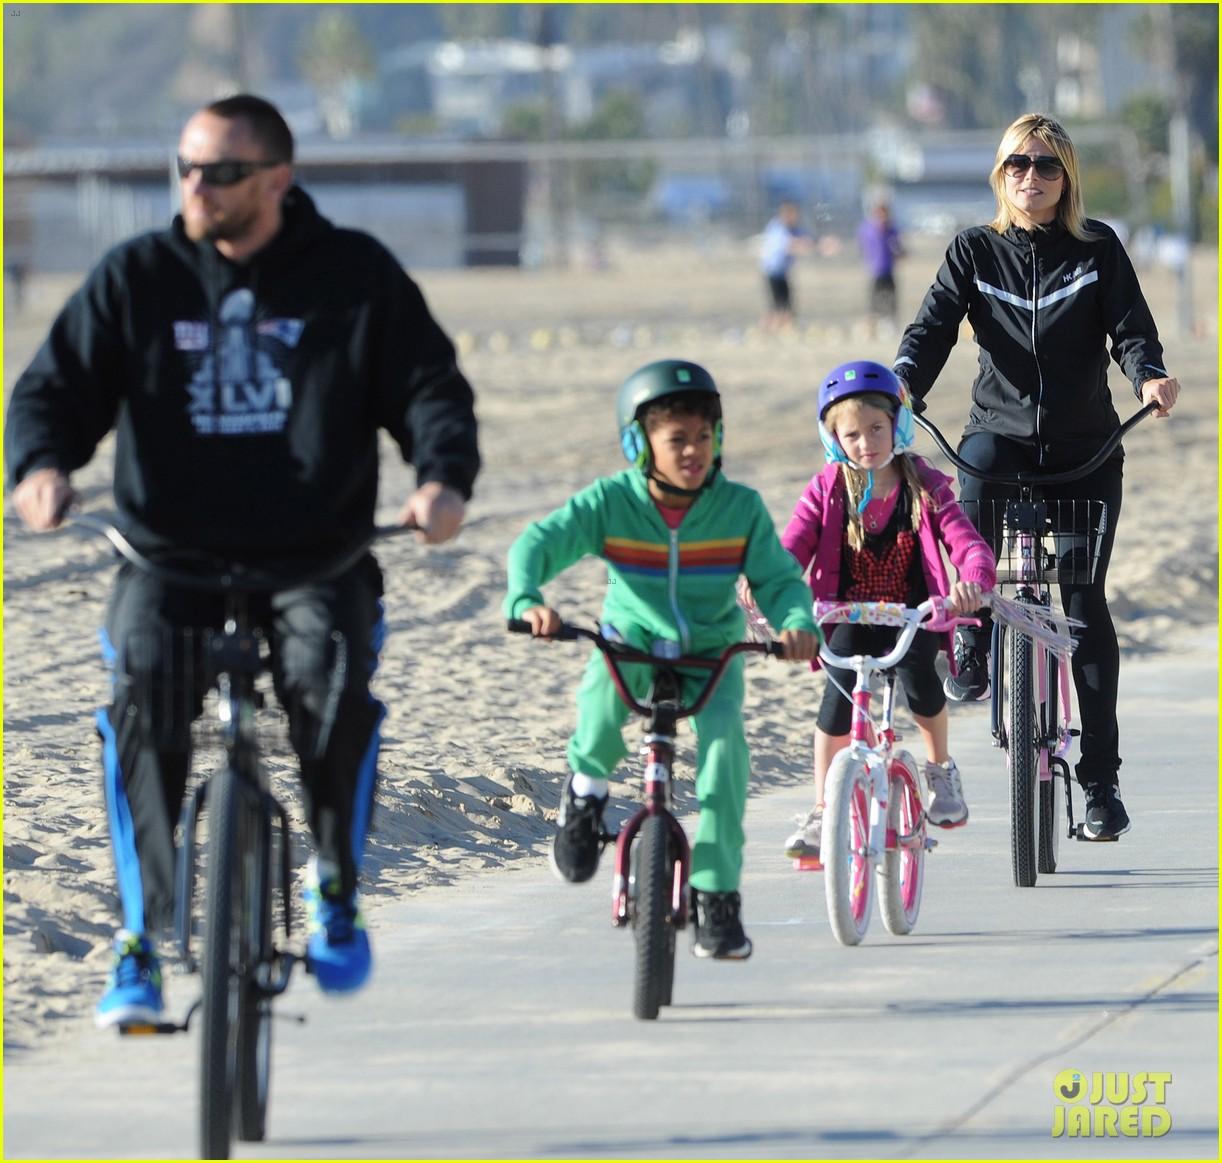 heidi klum martin kristen bike rides family 10